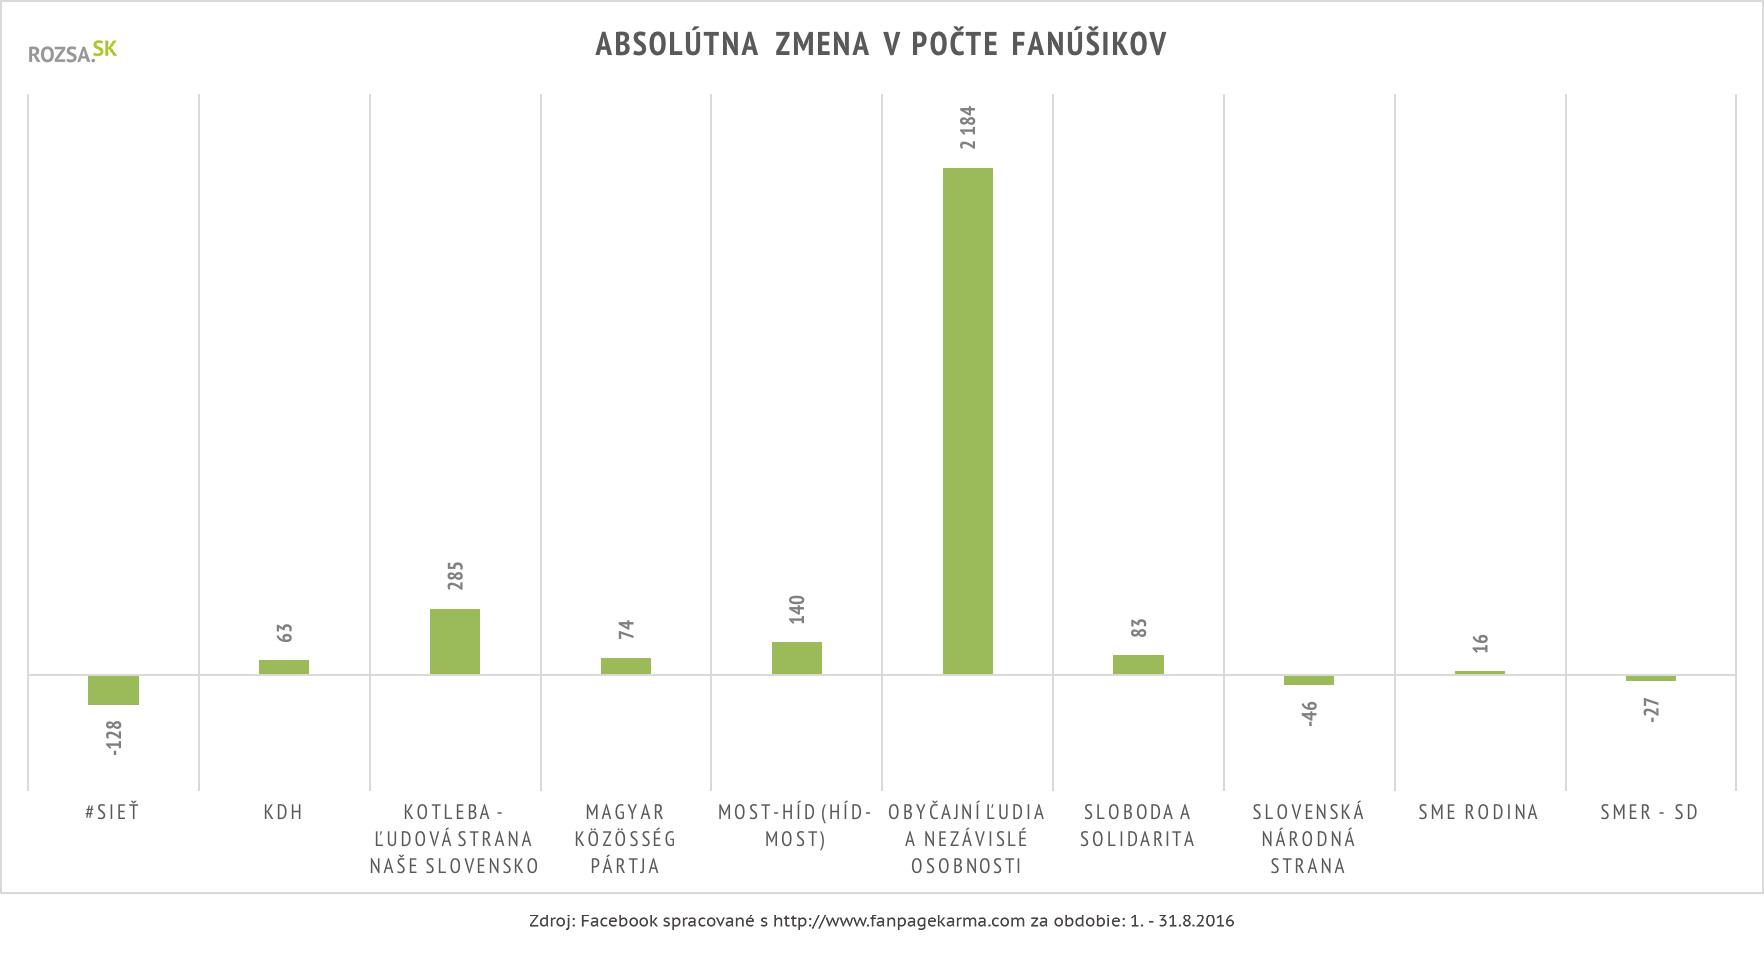 Absolútna zmena v počte počet fanúšikov politických strán, Facebook, august 2016